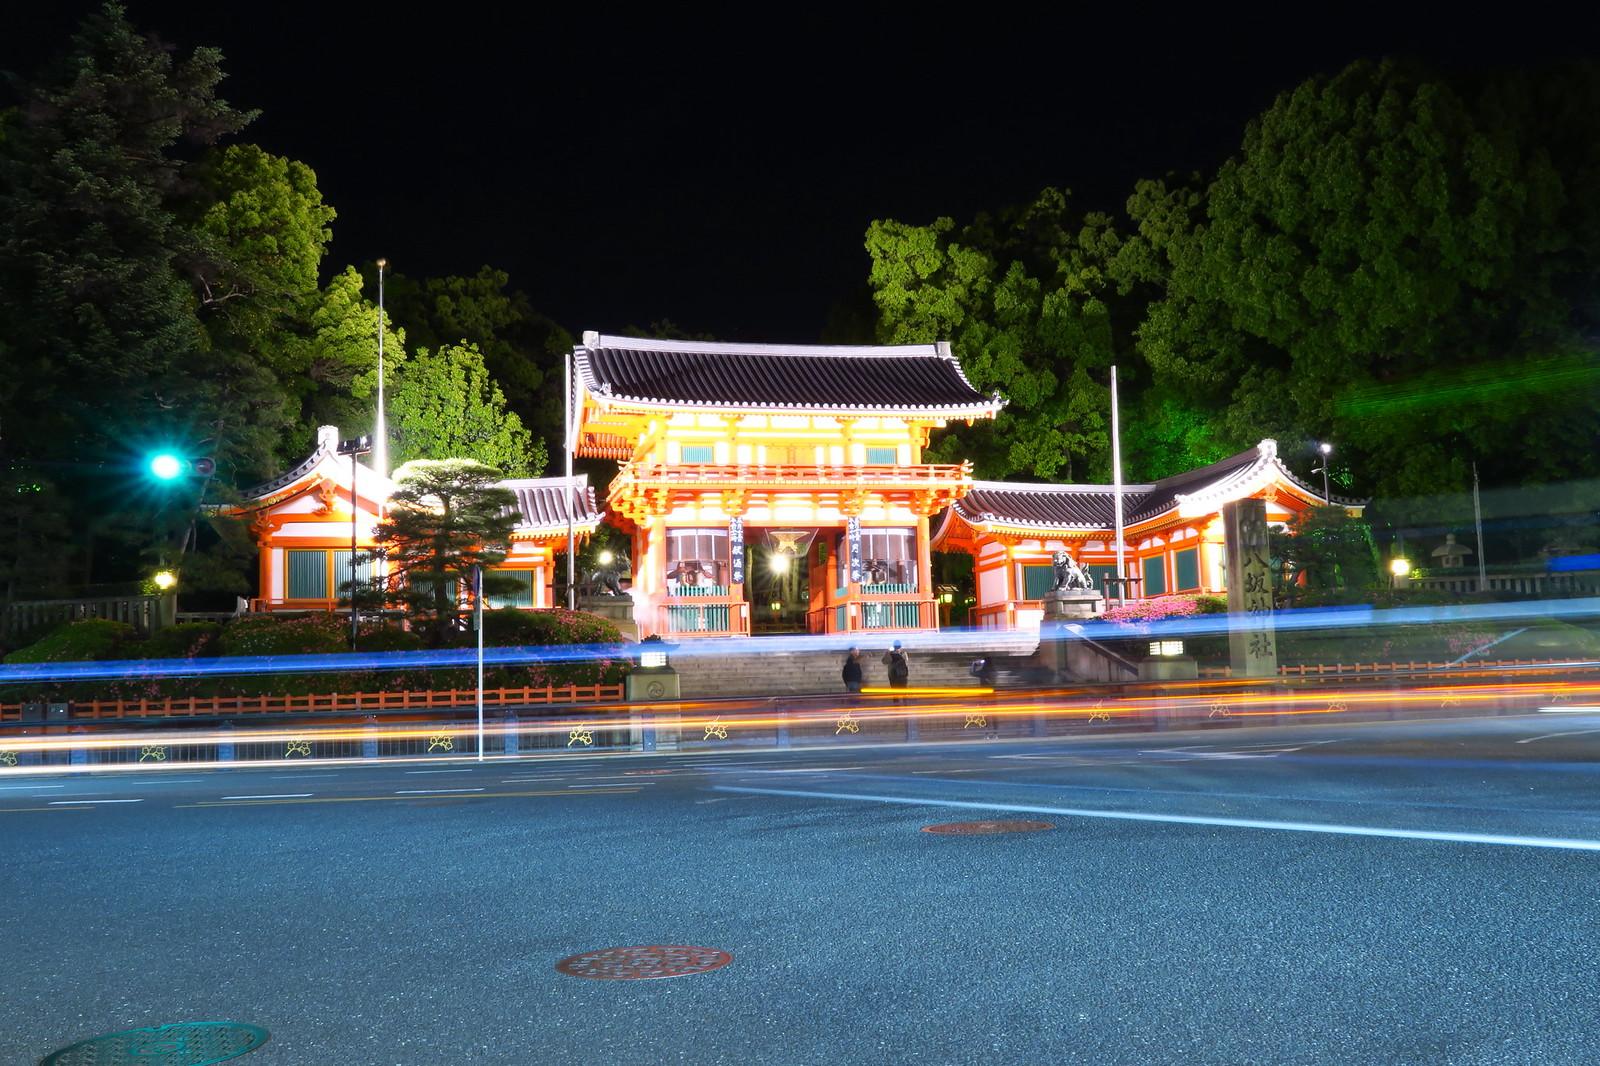 想回到過去系列 舞妓與千本鳥居外的京都日與夜Pt 2  円山公園(Maruyama Koen) ,八坂神社(Yasaka-jinja)與地靈人傑可愛和服女生